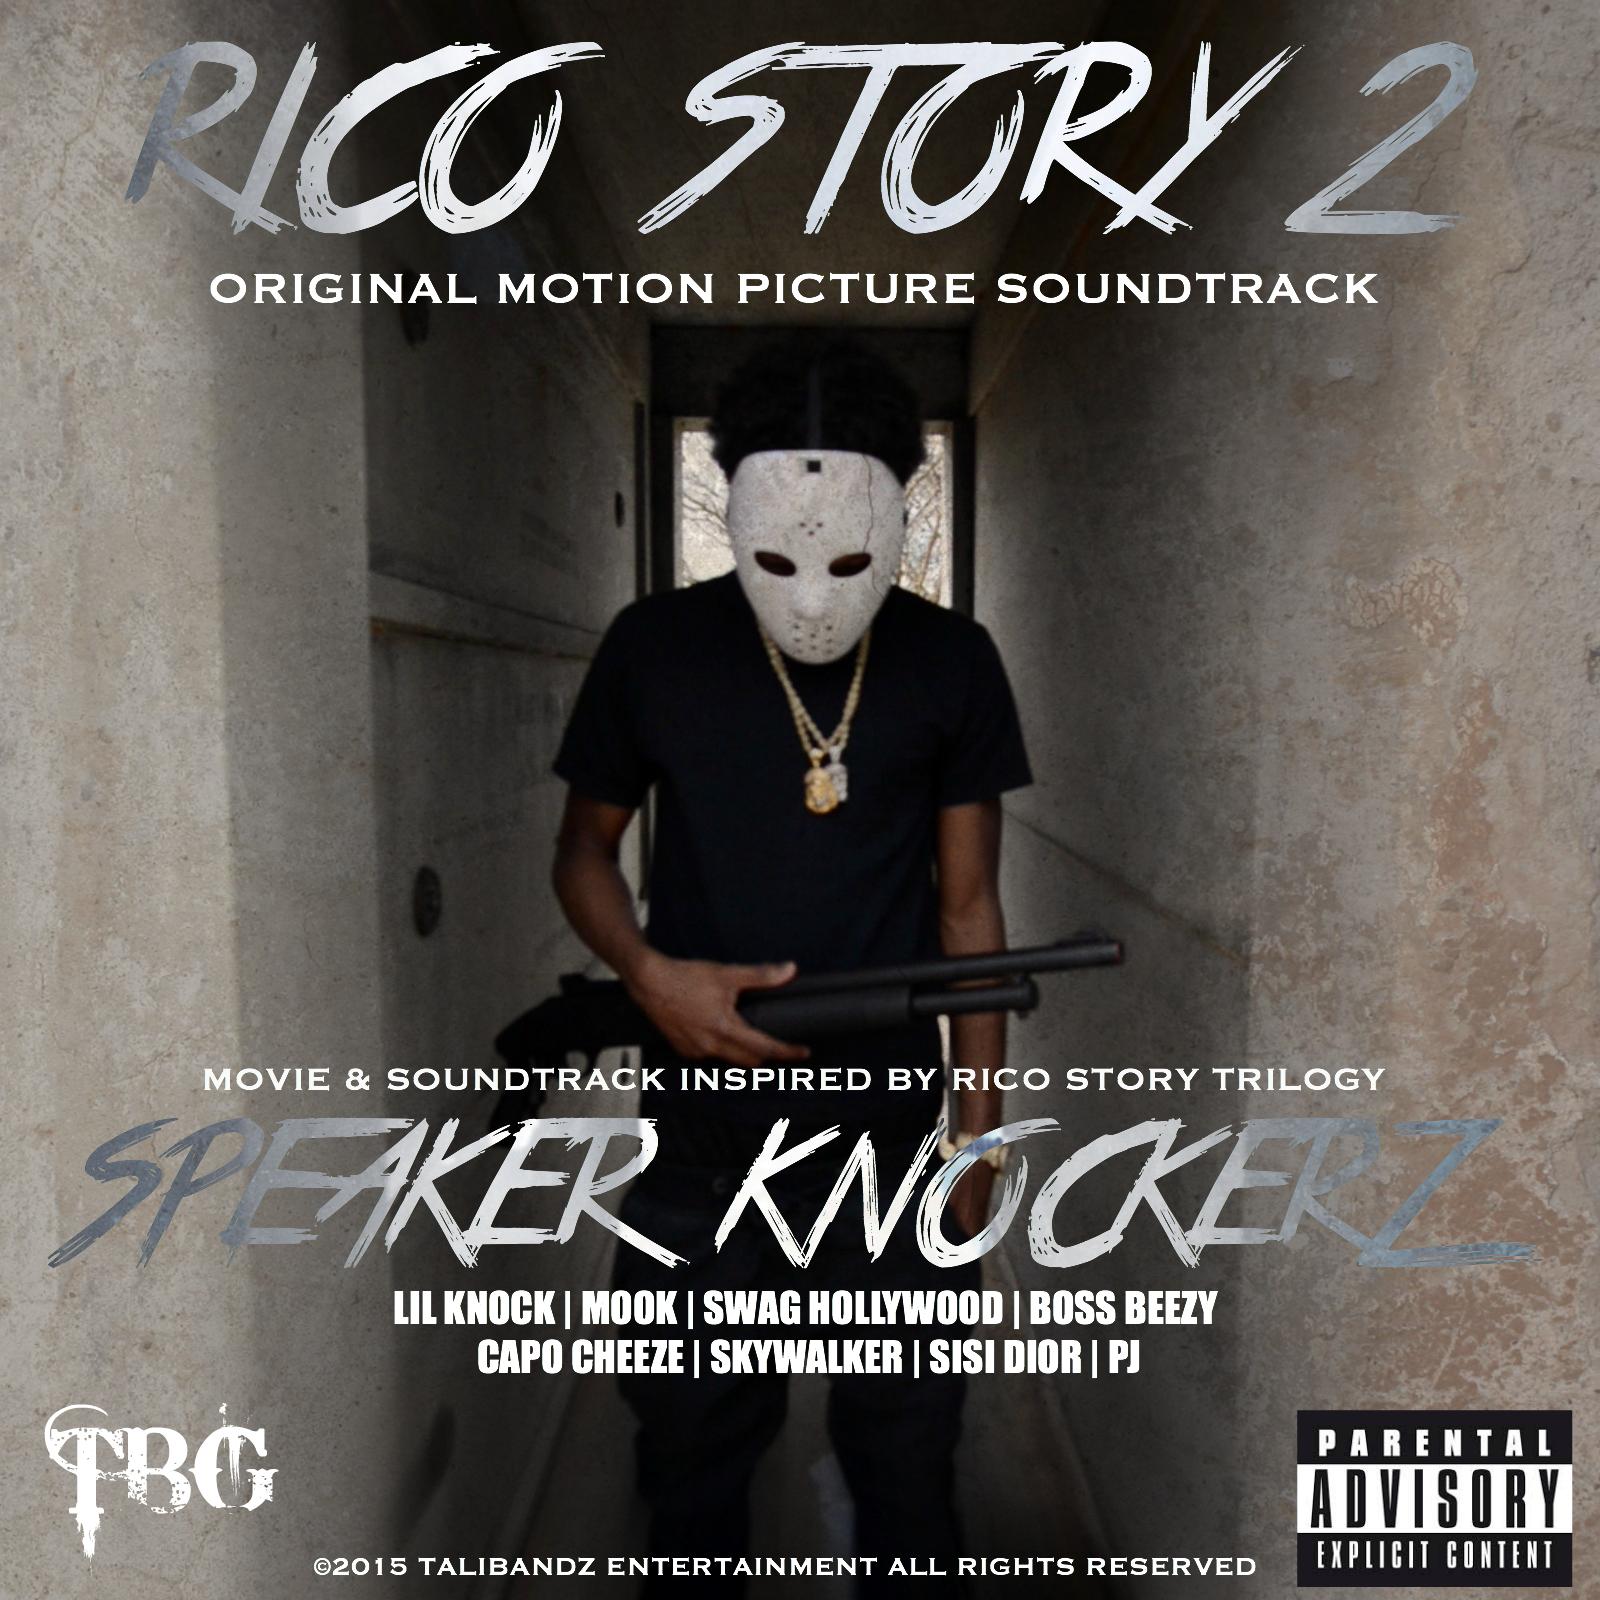 Rico Story 2 (Soundtrack